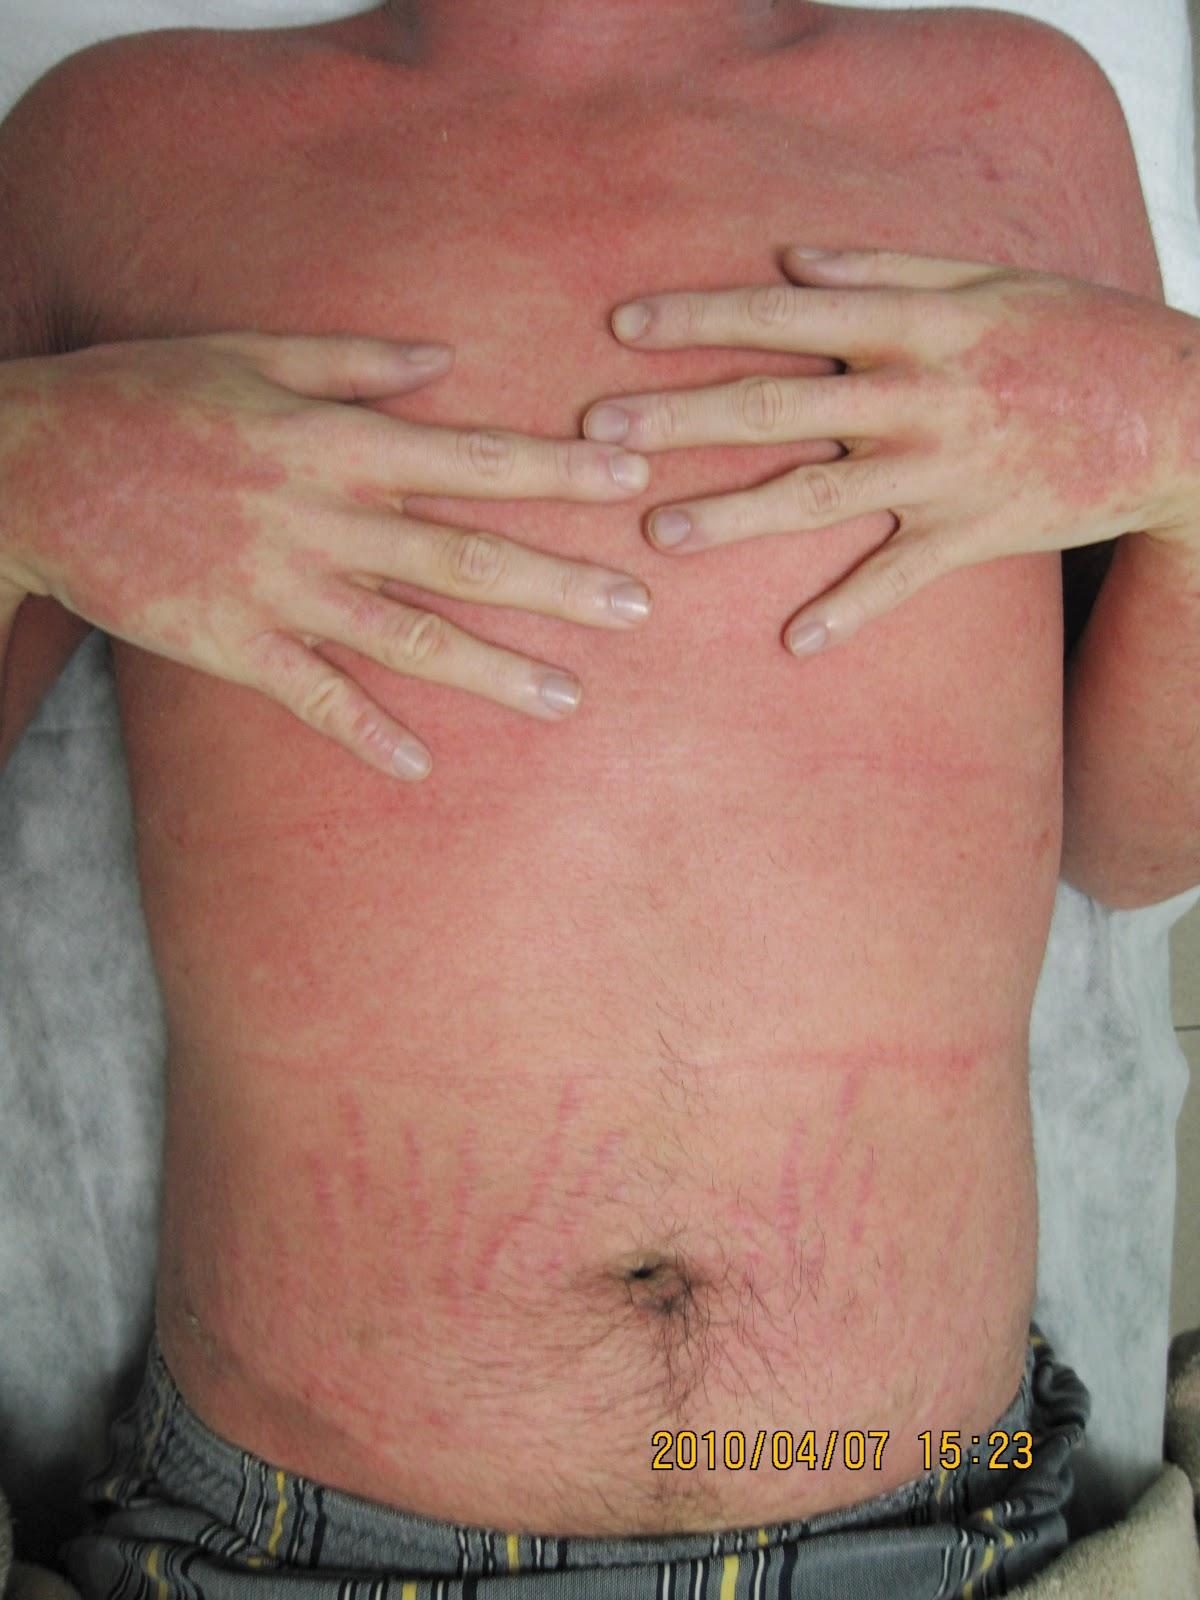 異位性皮膚炎治療經驗分享: 12年成人異位性皮膚炎治療-奮鬥史1 (治療過程)